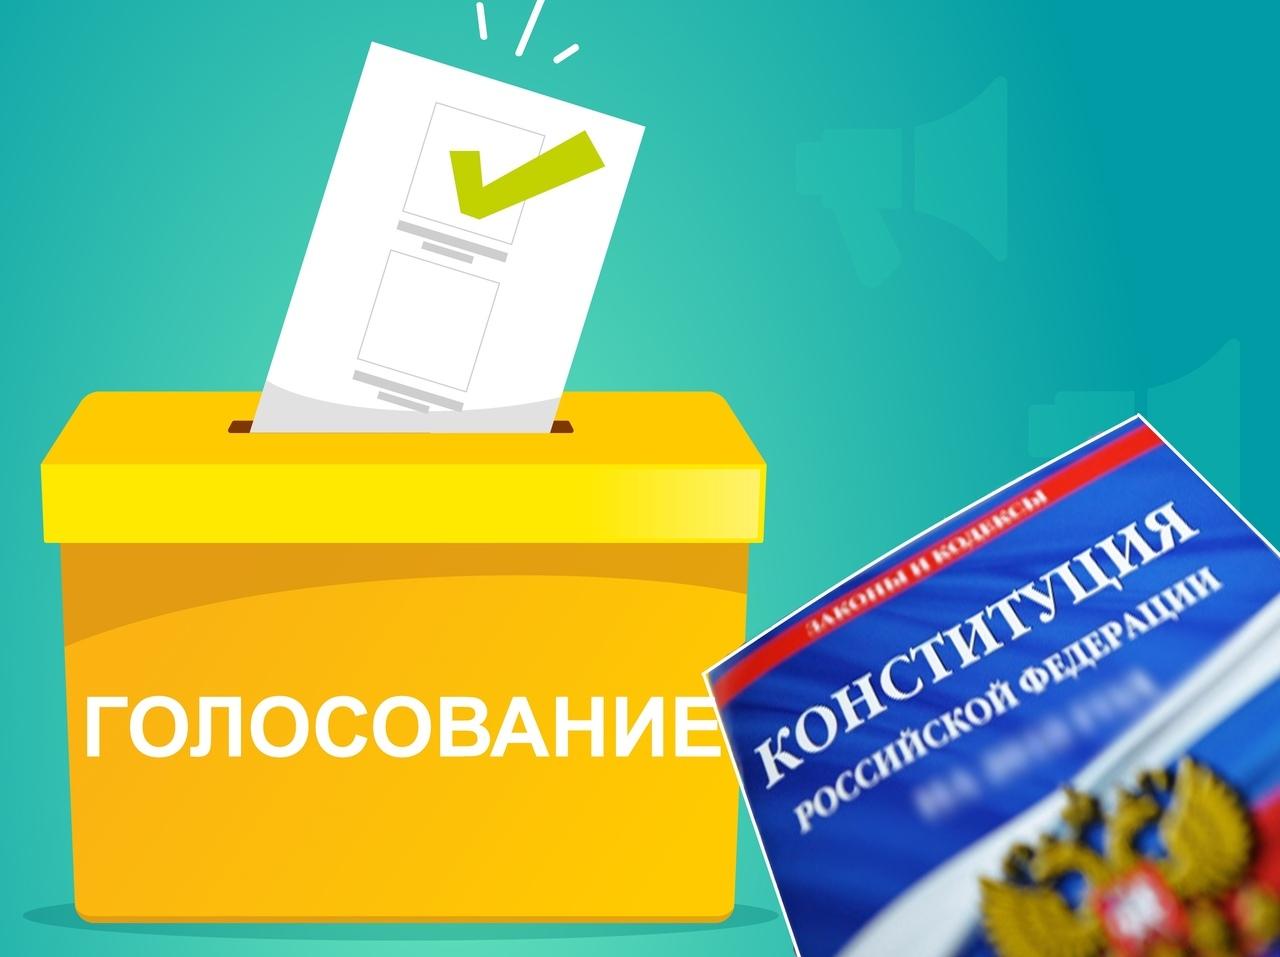 Голосование по поправкам в Конституцию РФ пройдет с соблюдением всех мер безопасности